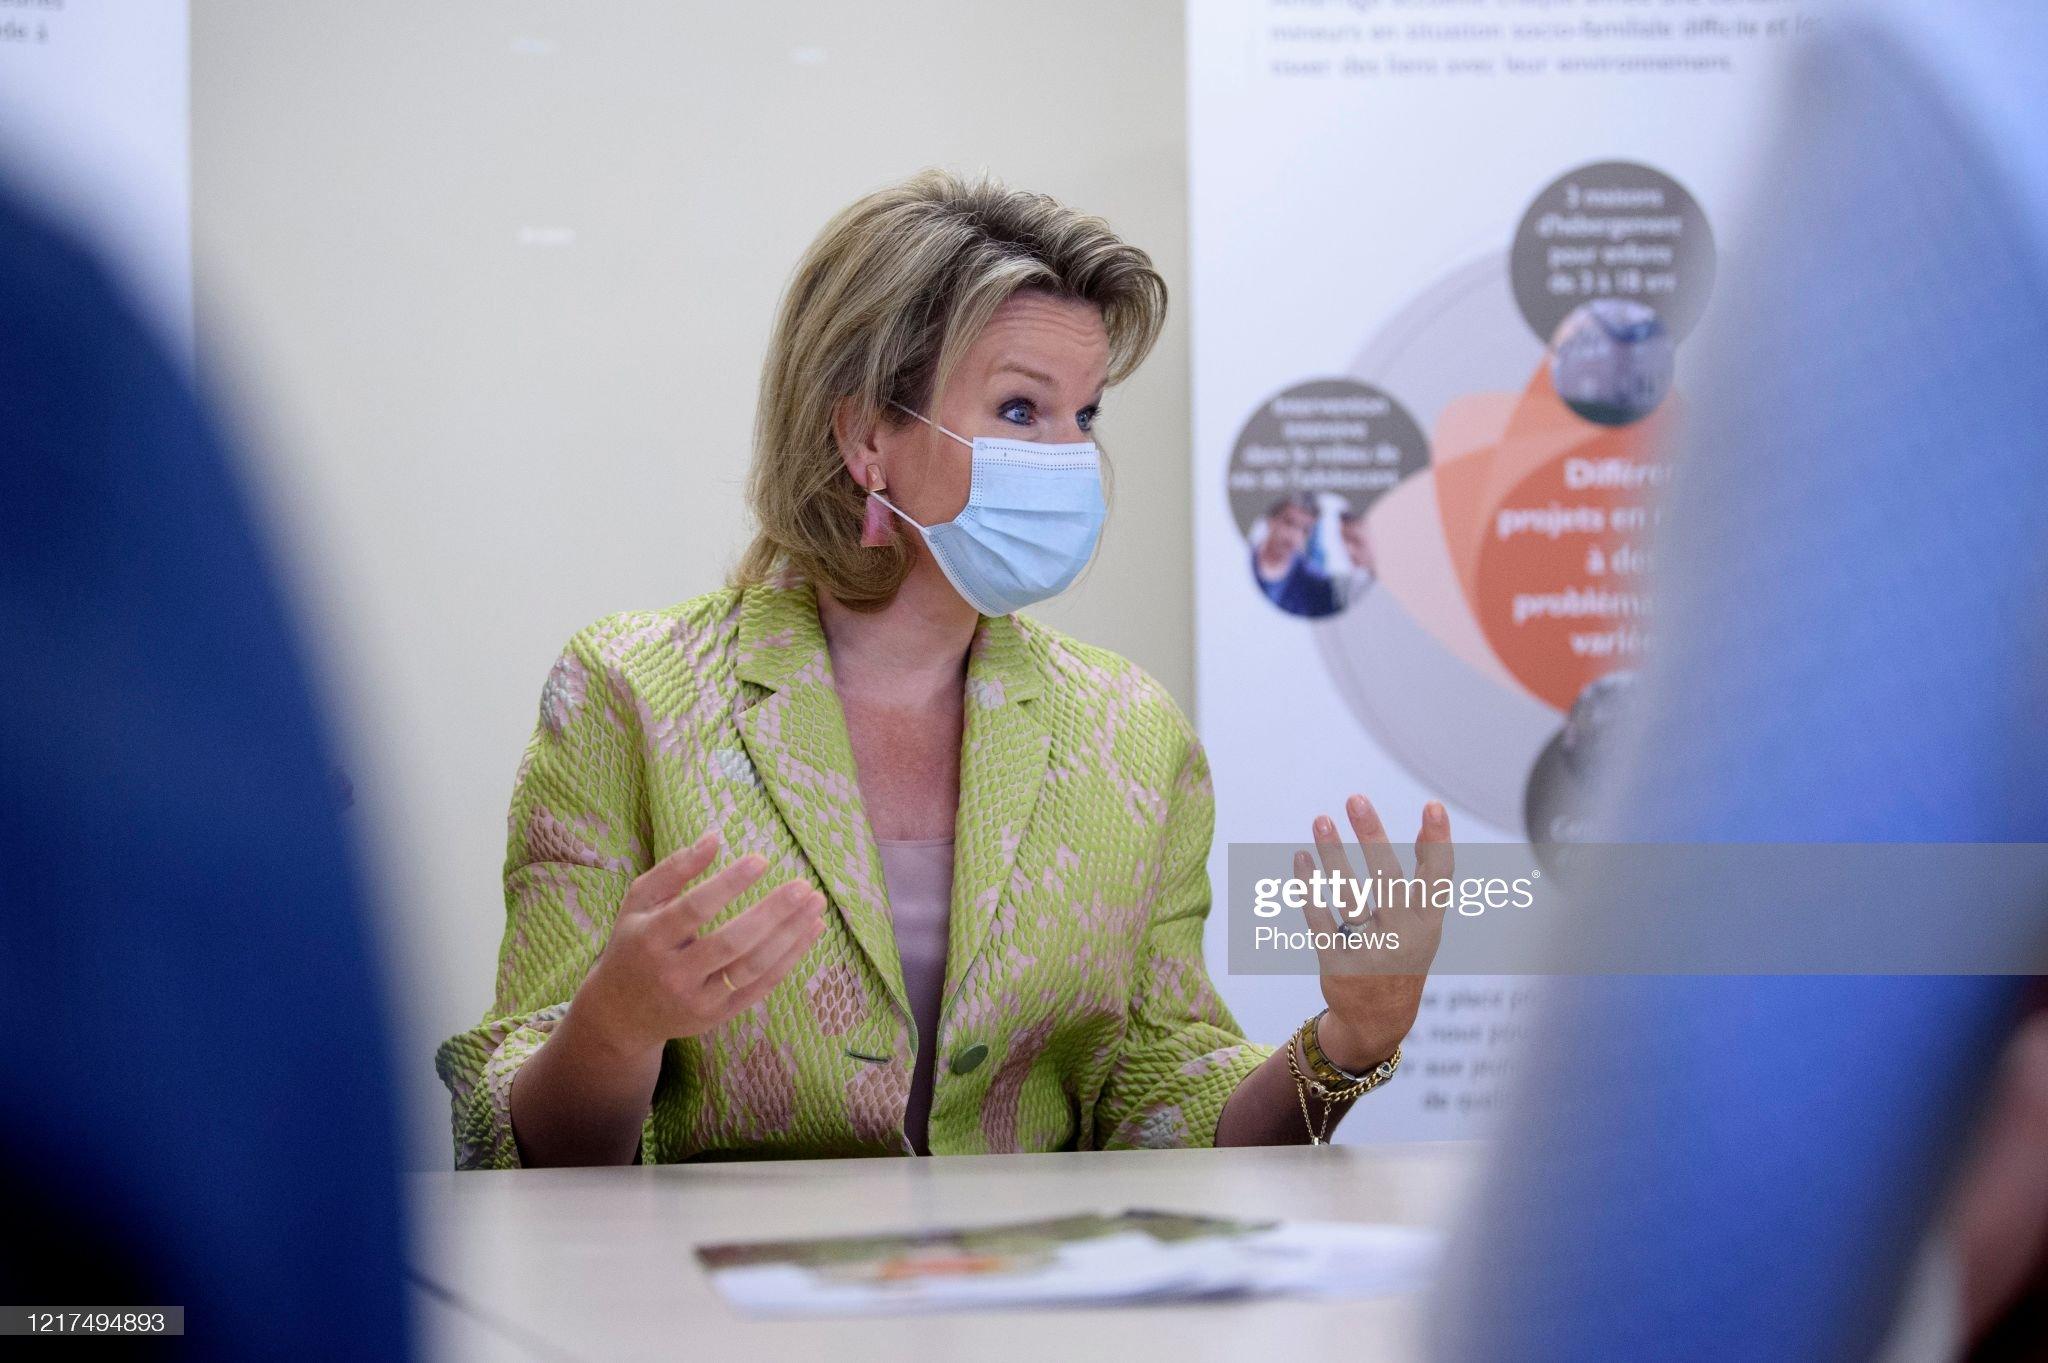 https://media.gettyimages.com/photos/mathilde-queen-of-belgium-visits-la-bane-on-june-04-2020-in-belgium-picture-id1217494893?s=2048x2048